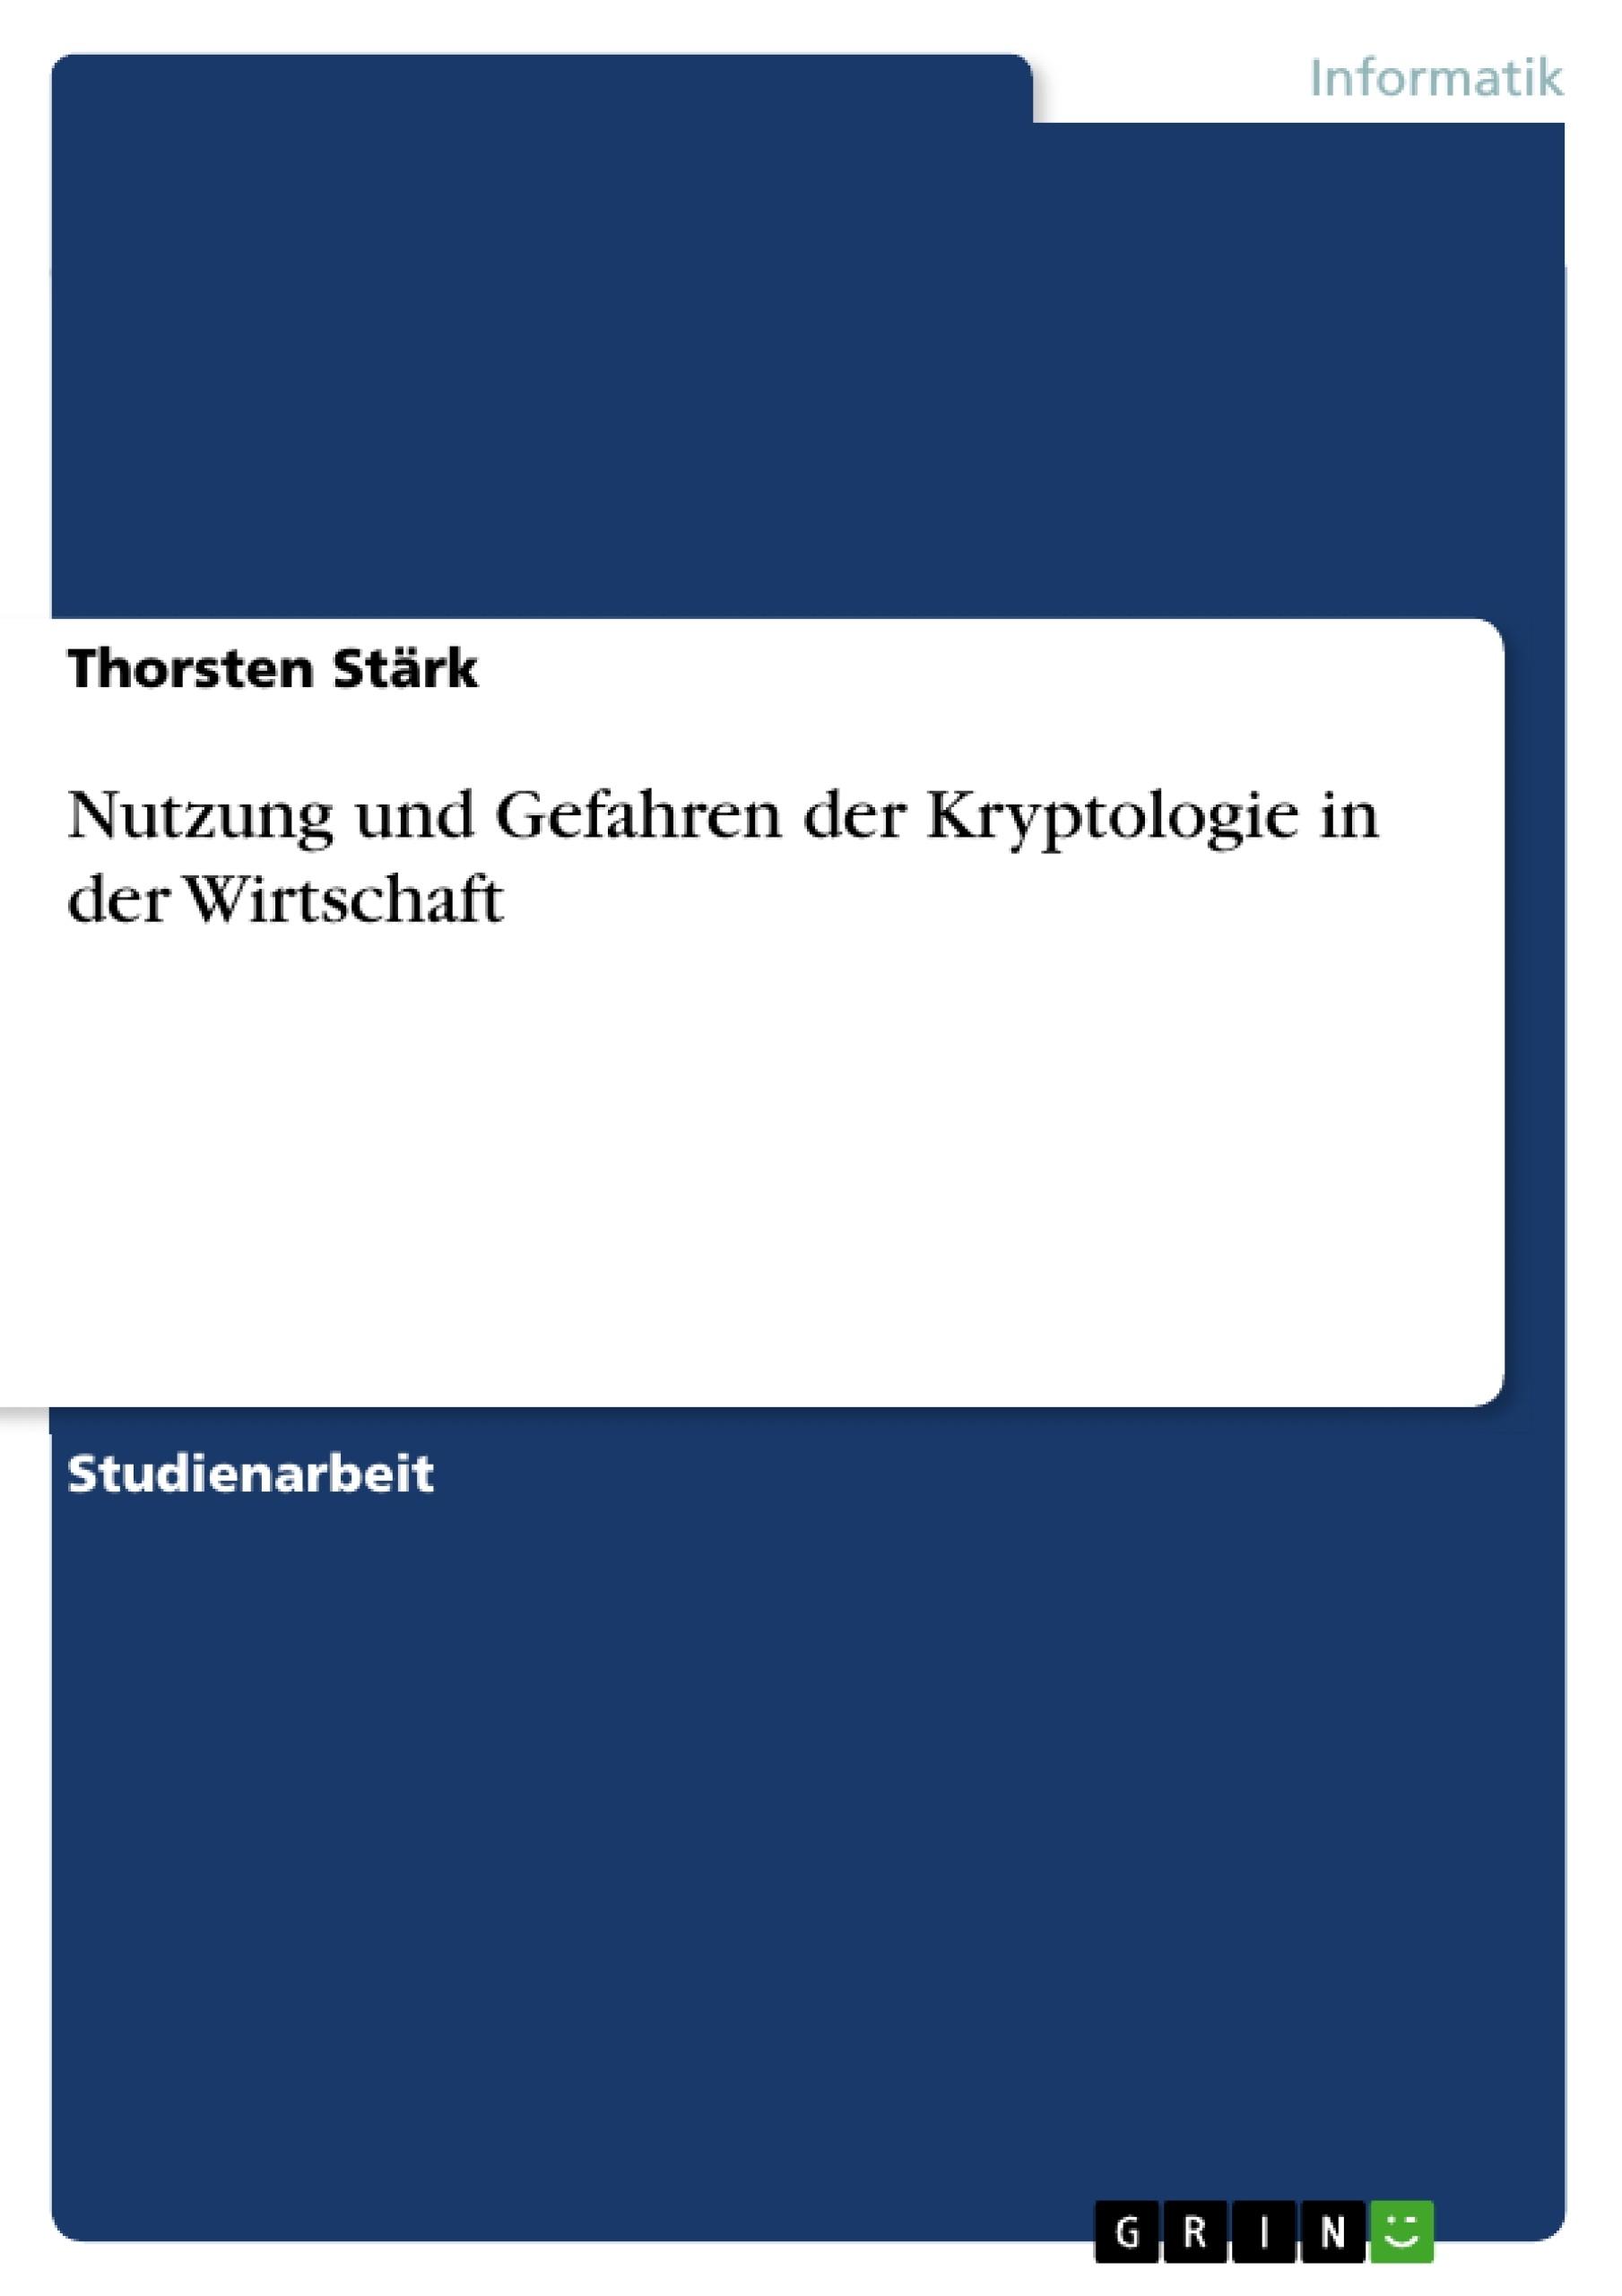 Titel: Nutzung und Gefahren der Kryptologie in der Wirtschaft